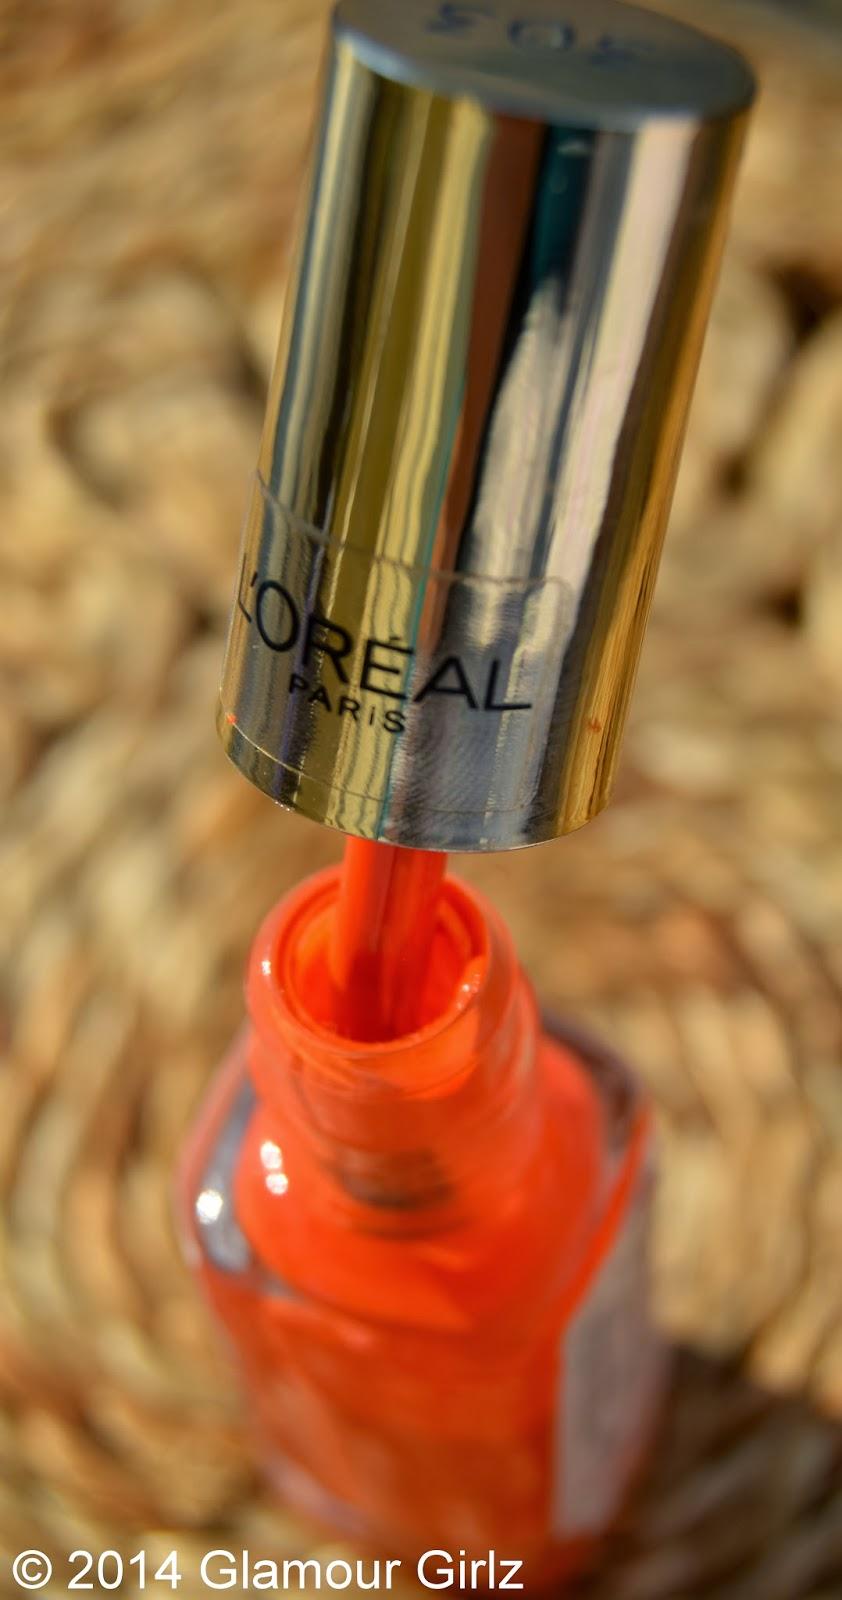 L'Oreal Color Riche 303 Tangerine.